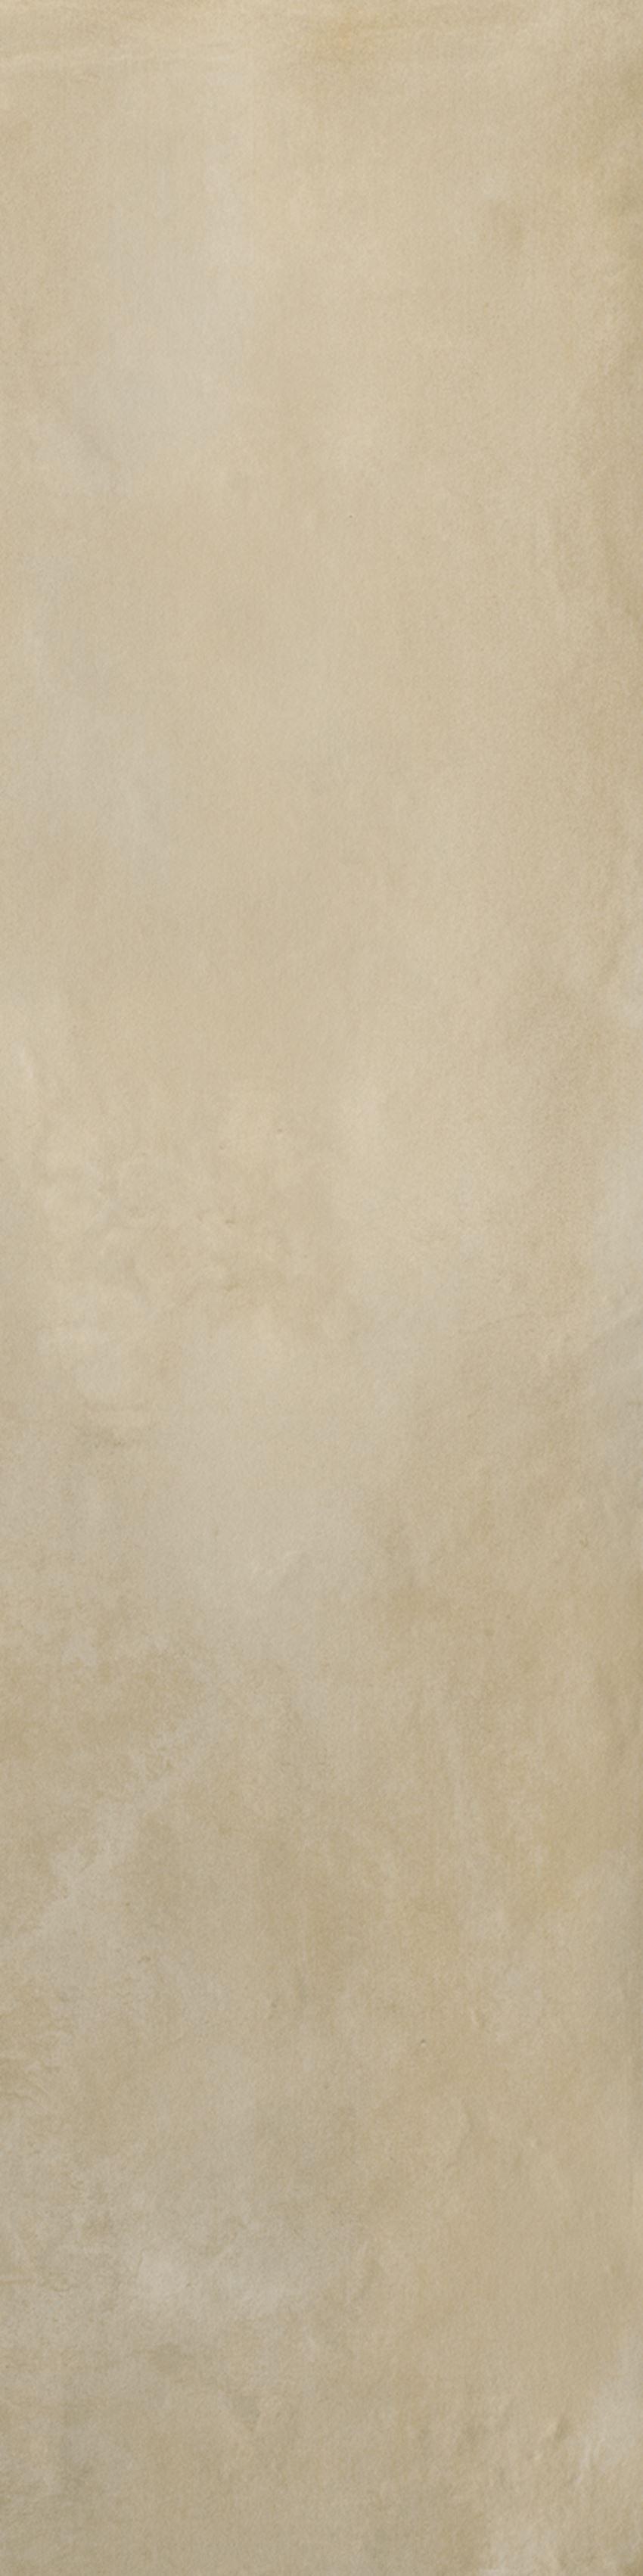 Płytka ścienno-podłogowa 29,8x119,8 cm Paradyż Tigua Beige Gres Szkl. Rekt. Mat